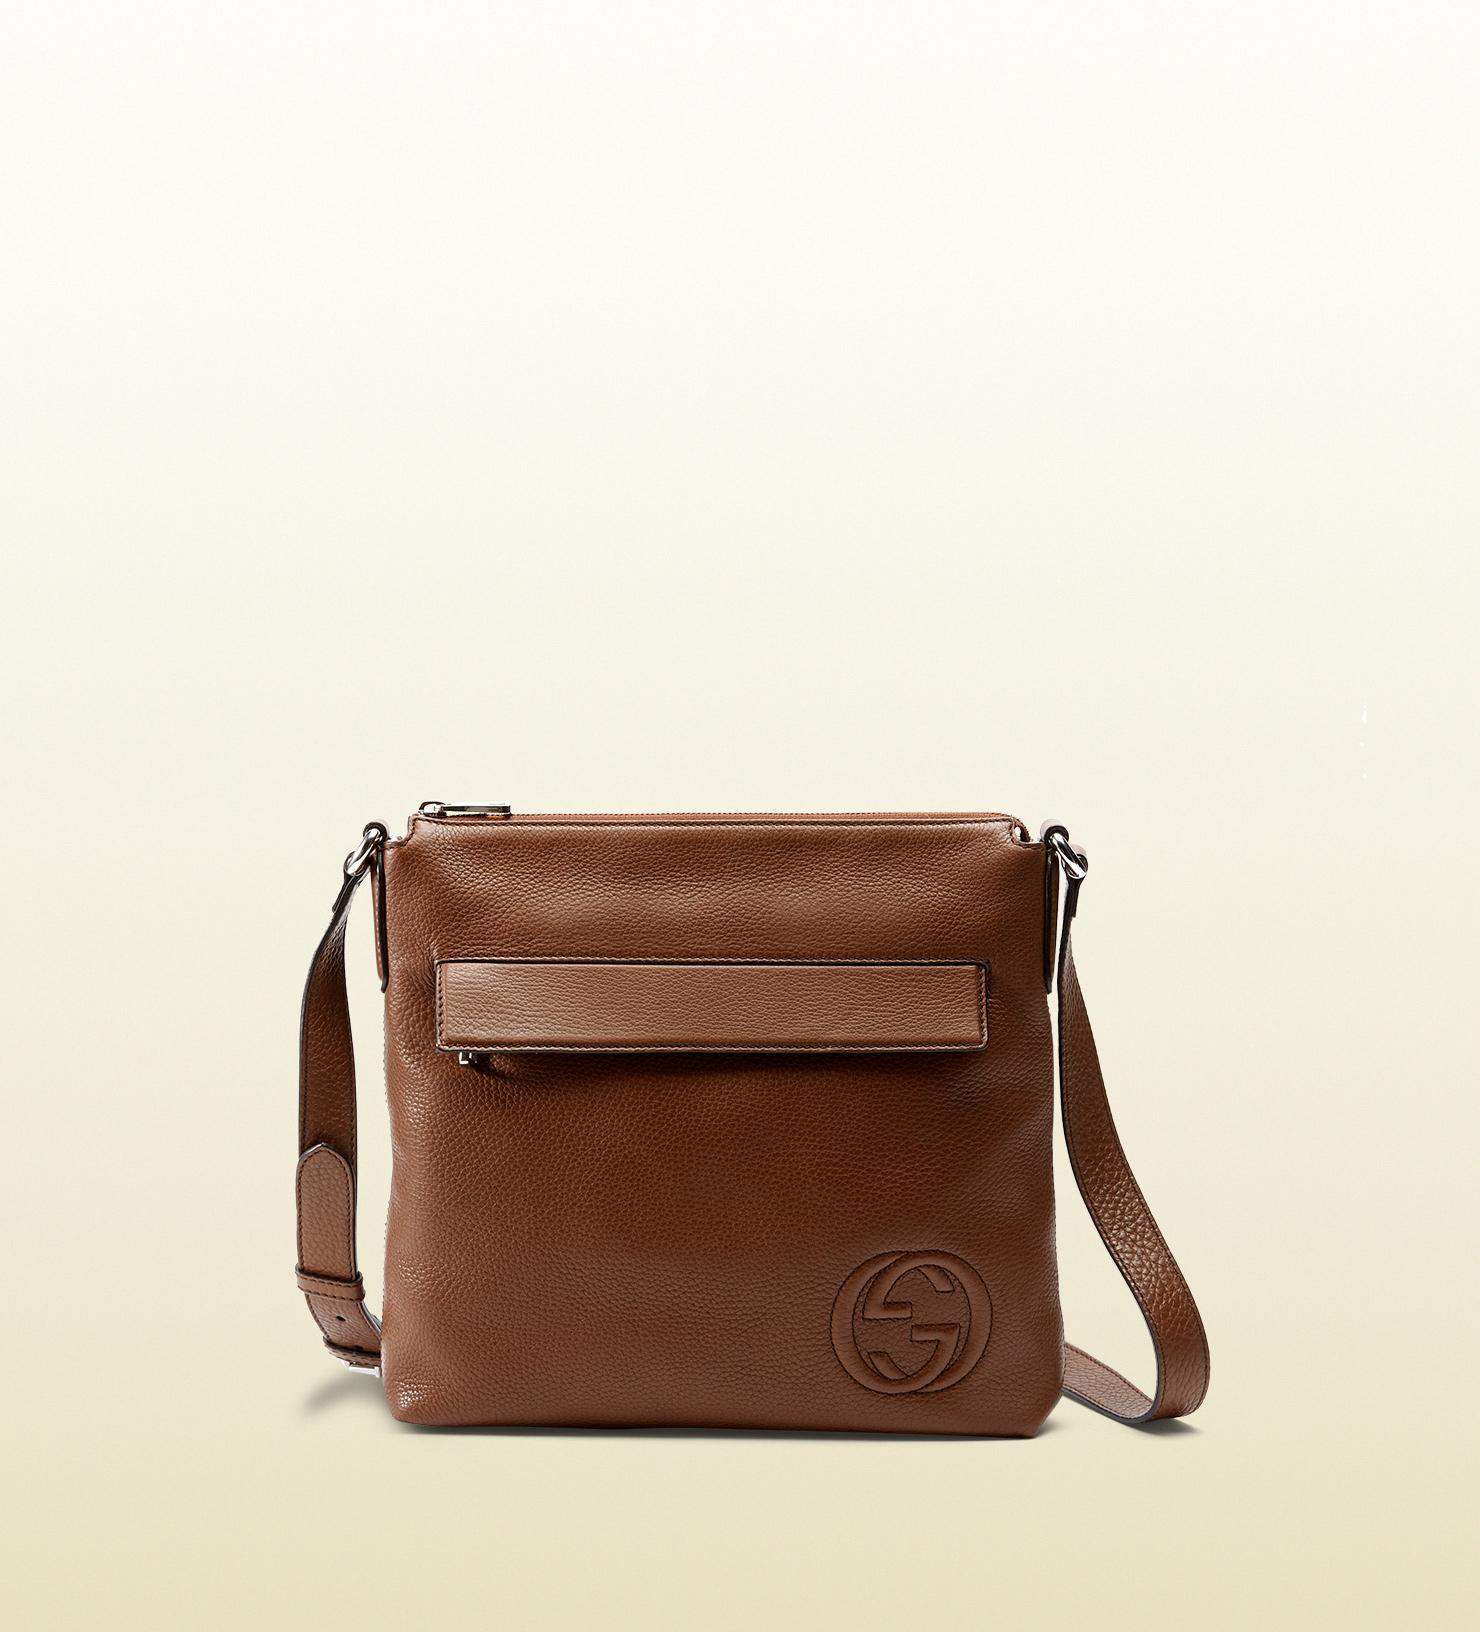 555d74e6c81 Gucci Leather Messenger Bag